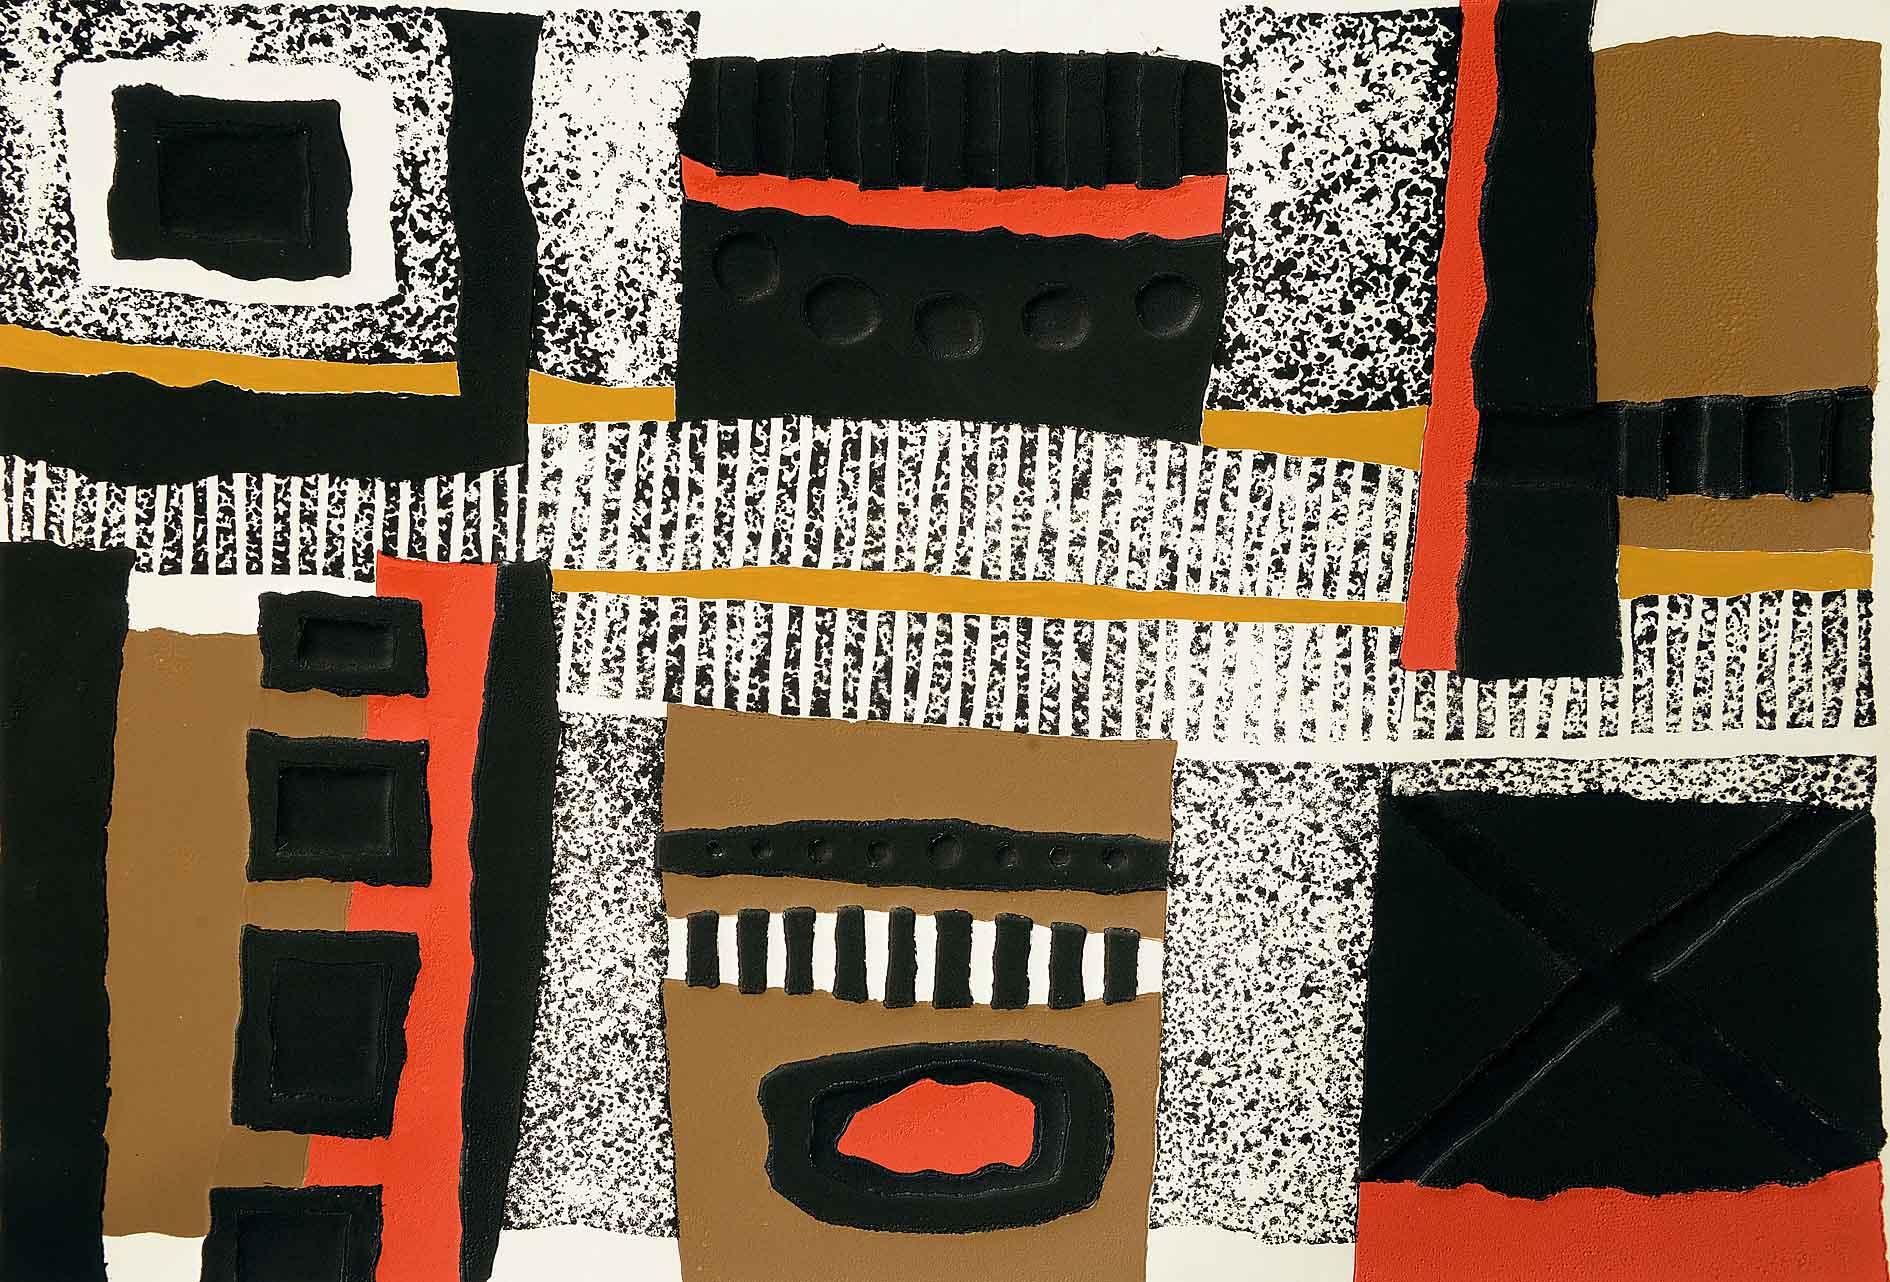 1-la-casa-di-luca-1969-xilog-70x100